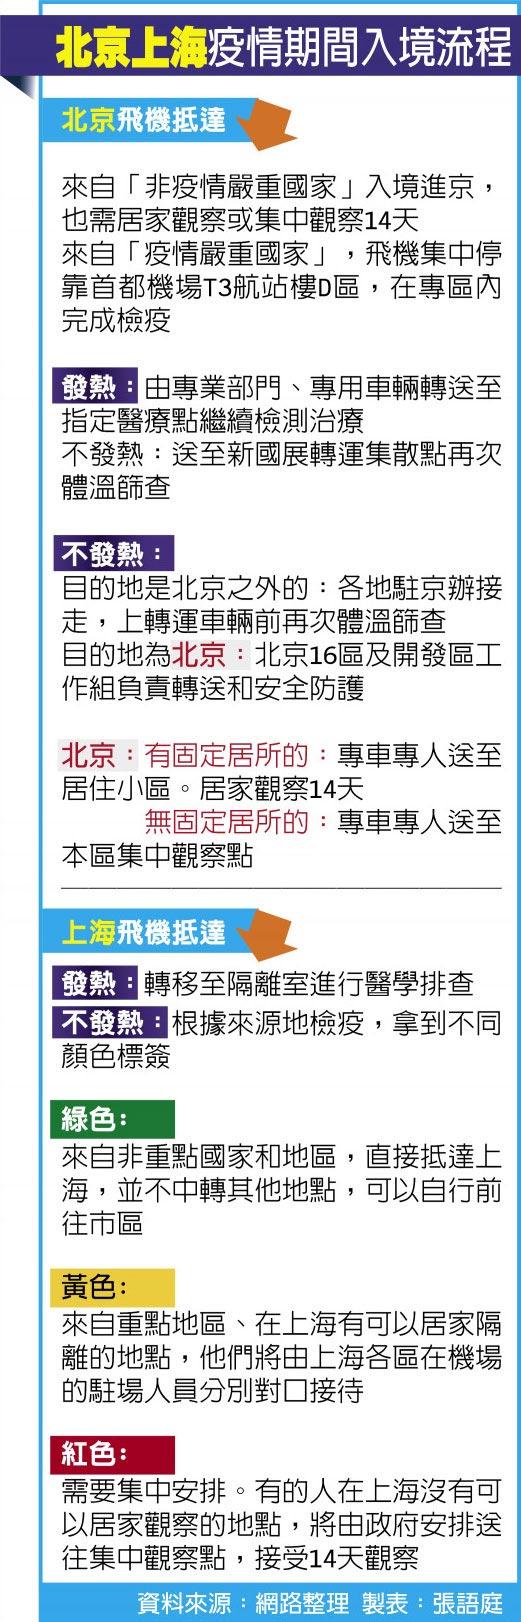 北京上海疫情期間入境流程